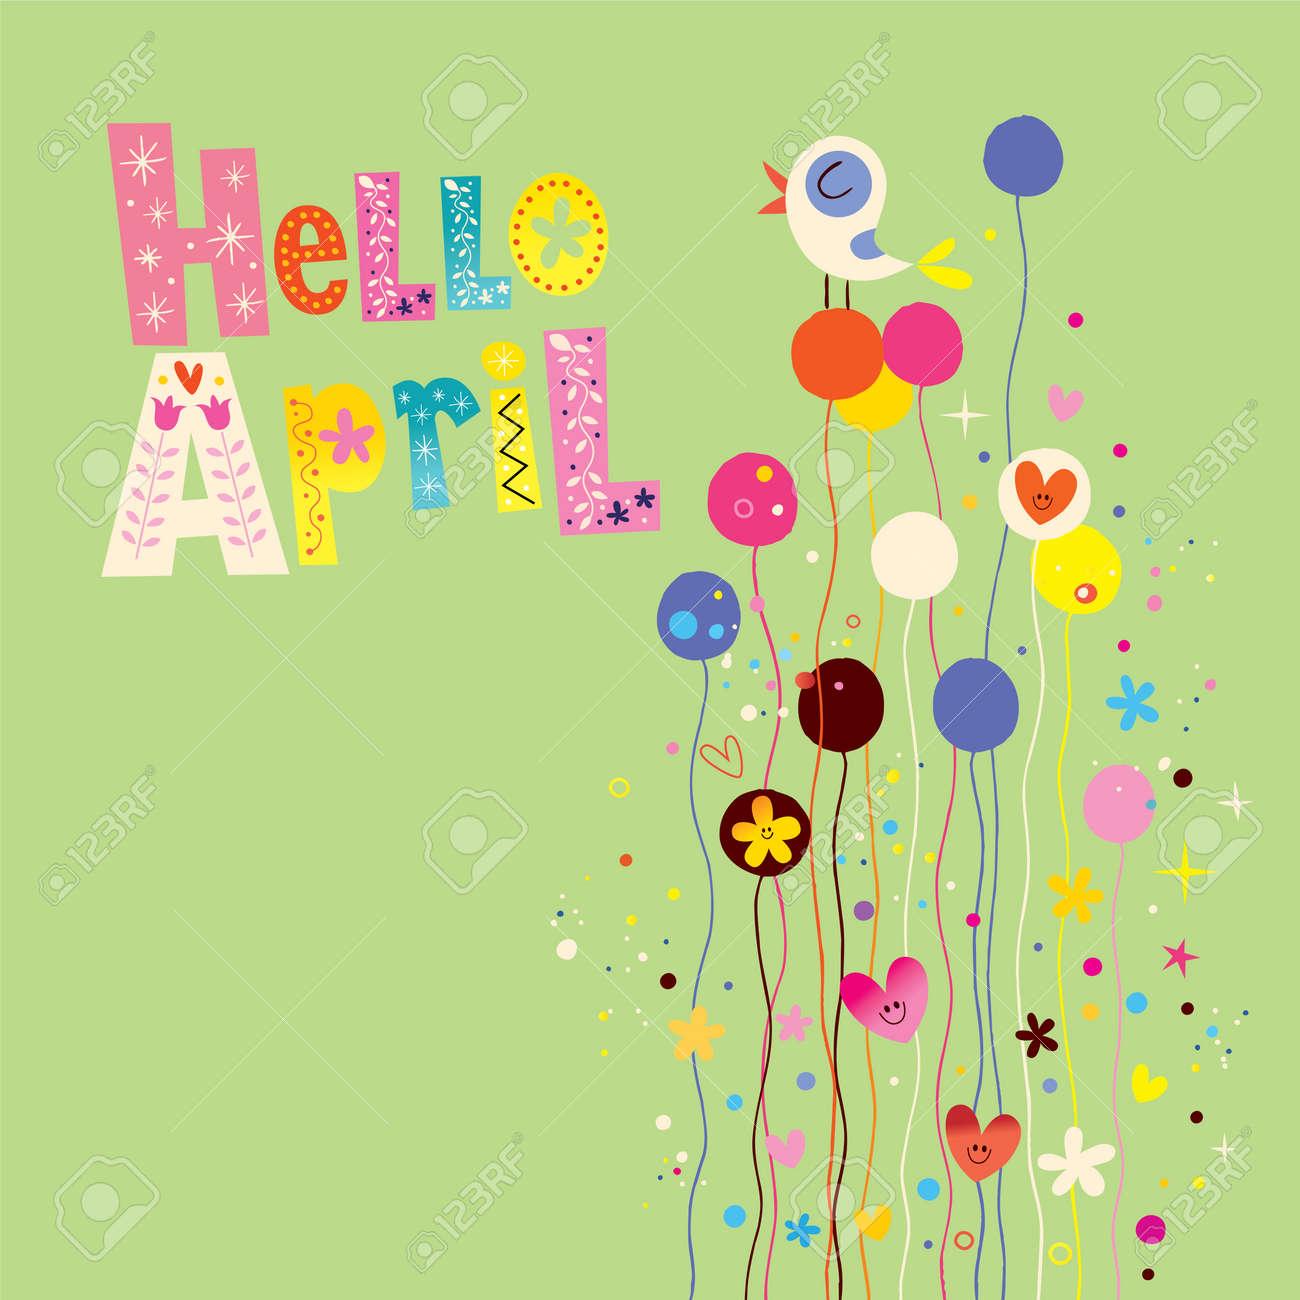 Hello april spring card - 54765874